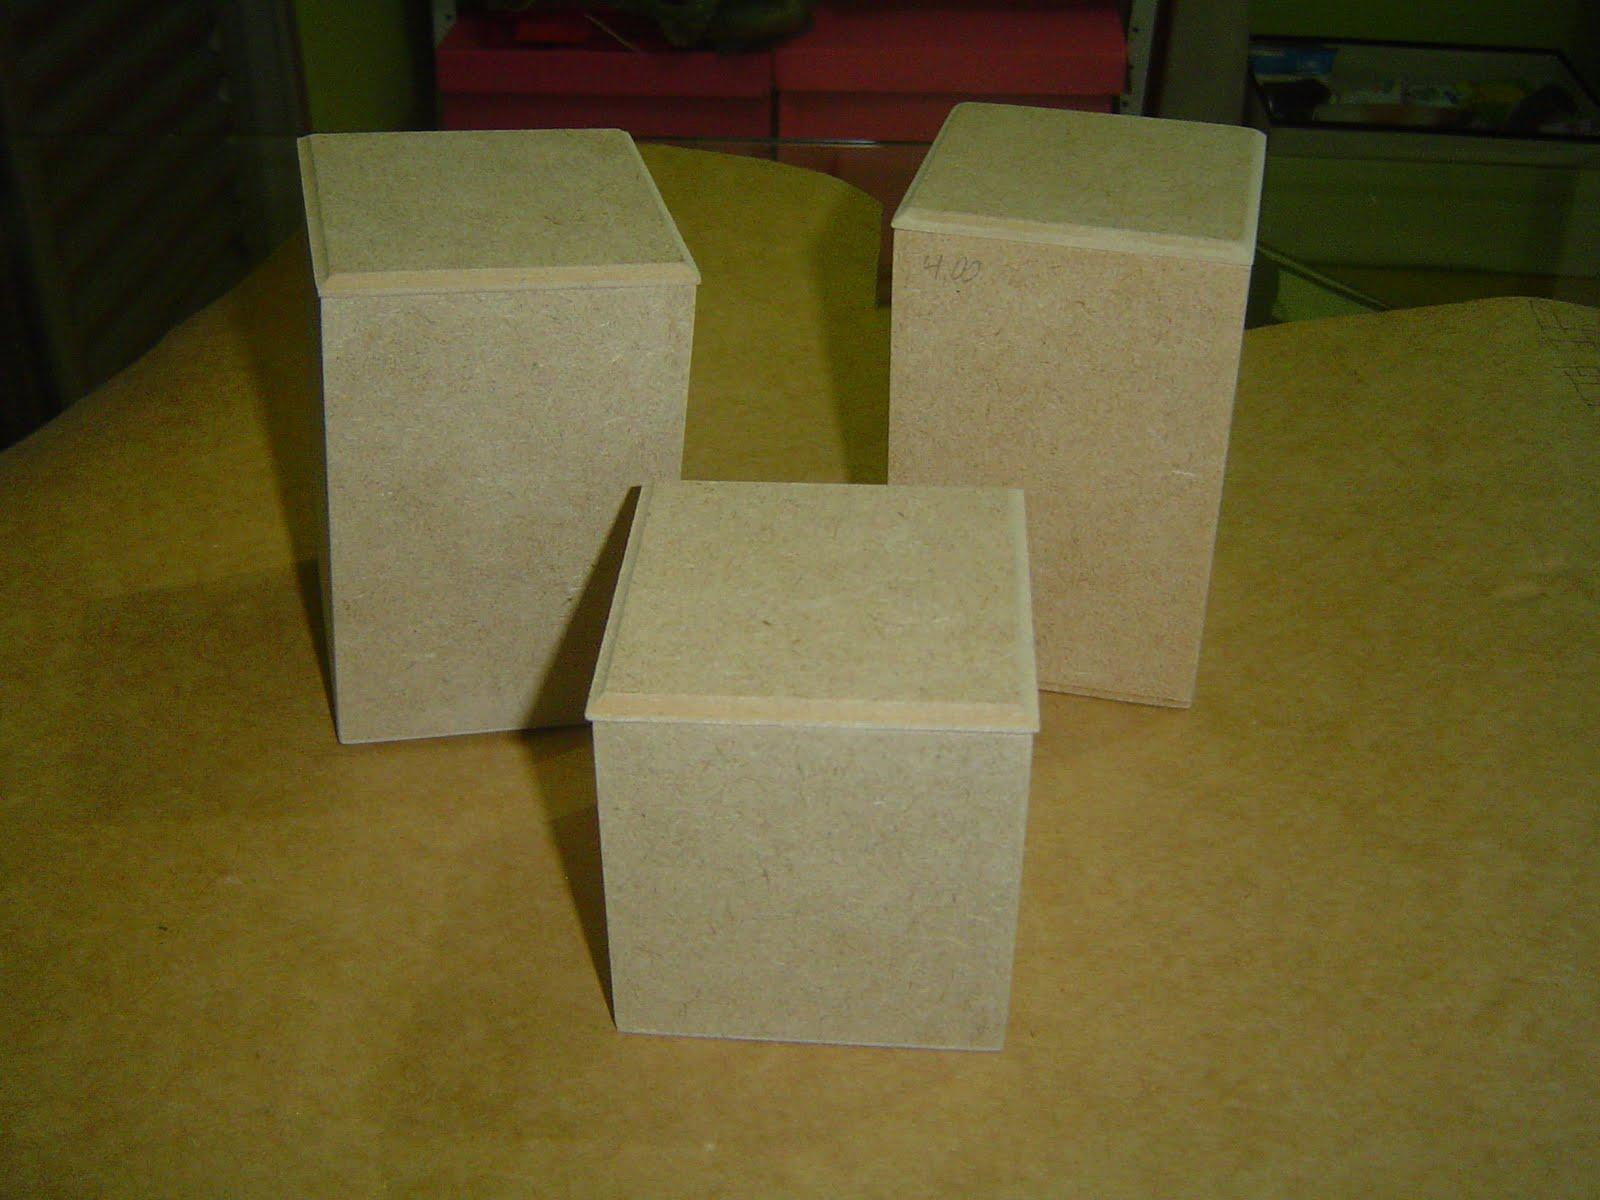 Potinhos para banheiro com textura de renda Tramas e Pinturas O  #5C4F10 1600 1200